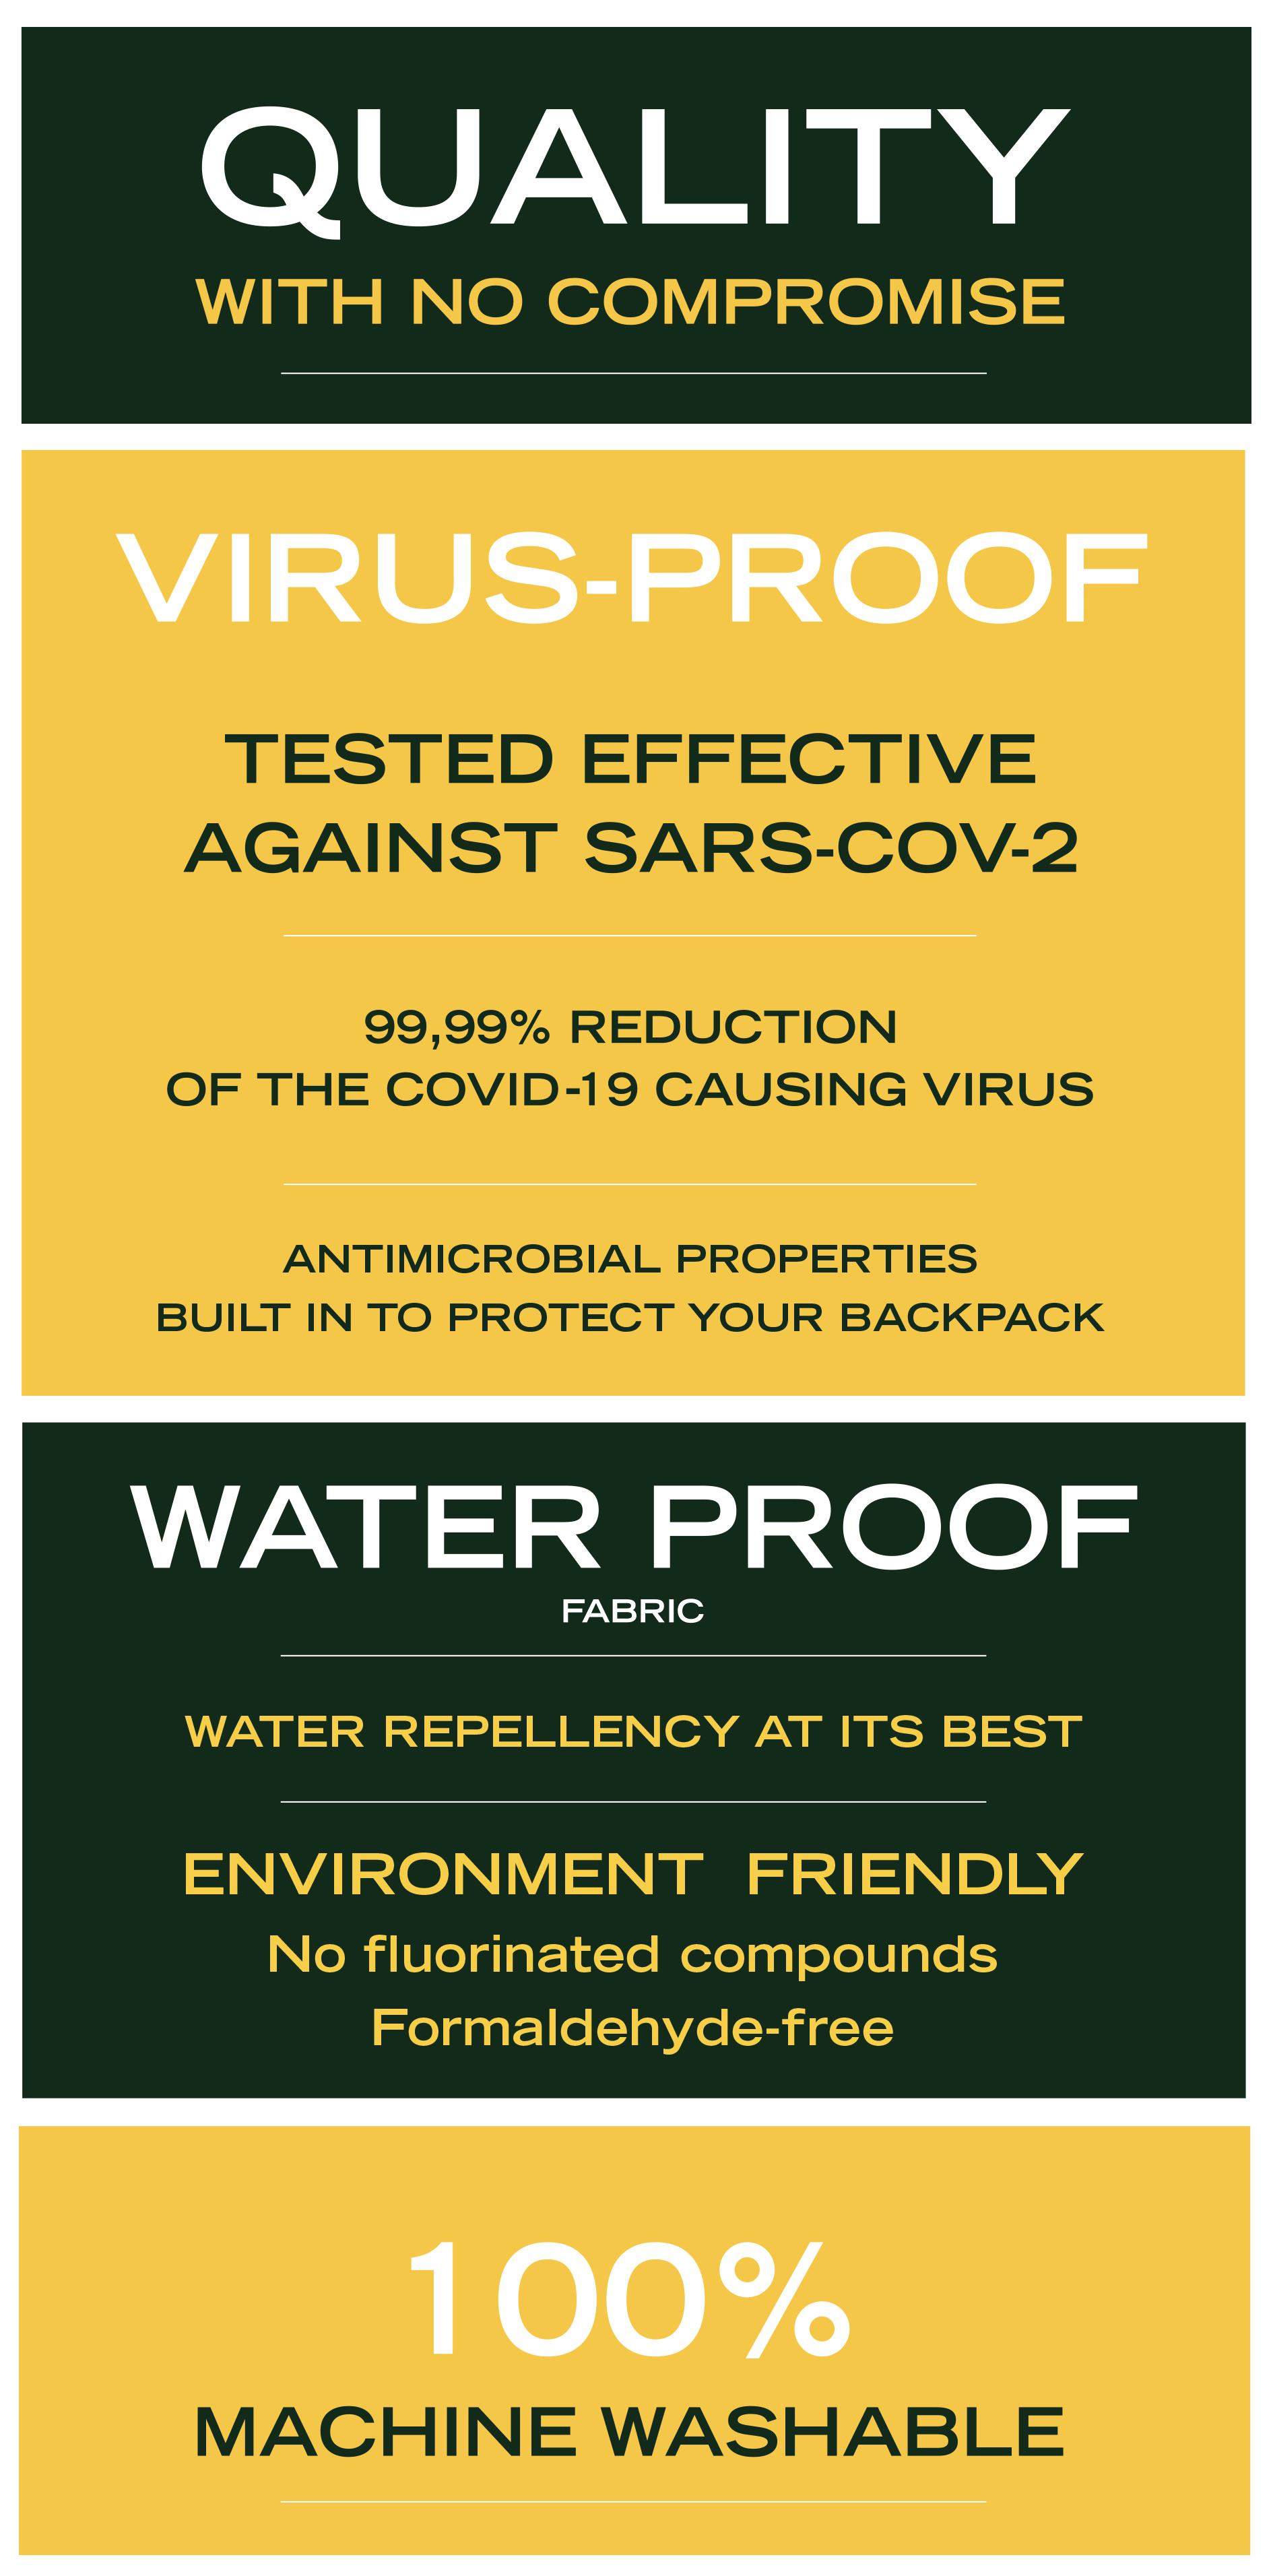 WASH ME - VIRUS/WATER PROOF